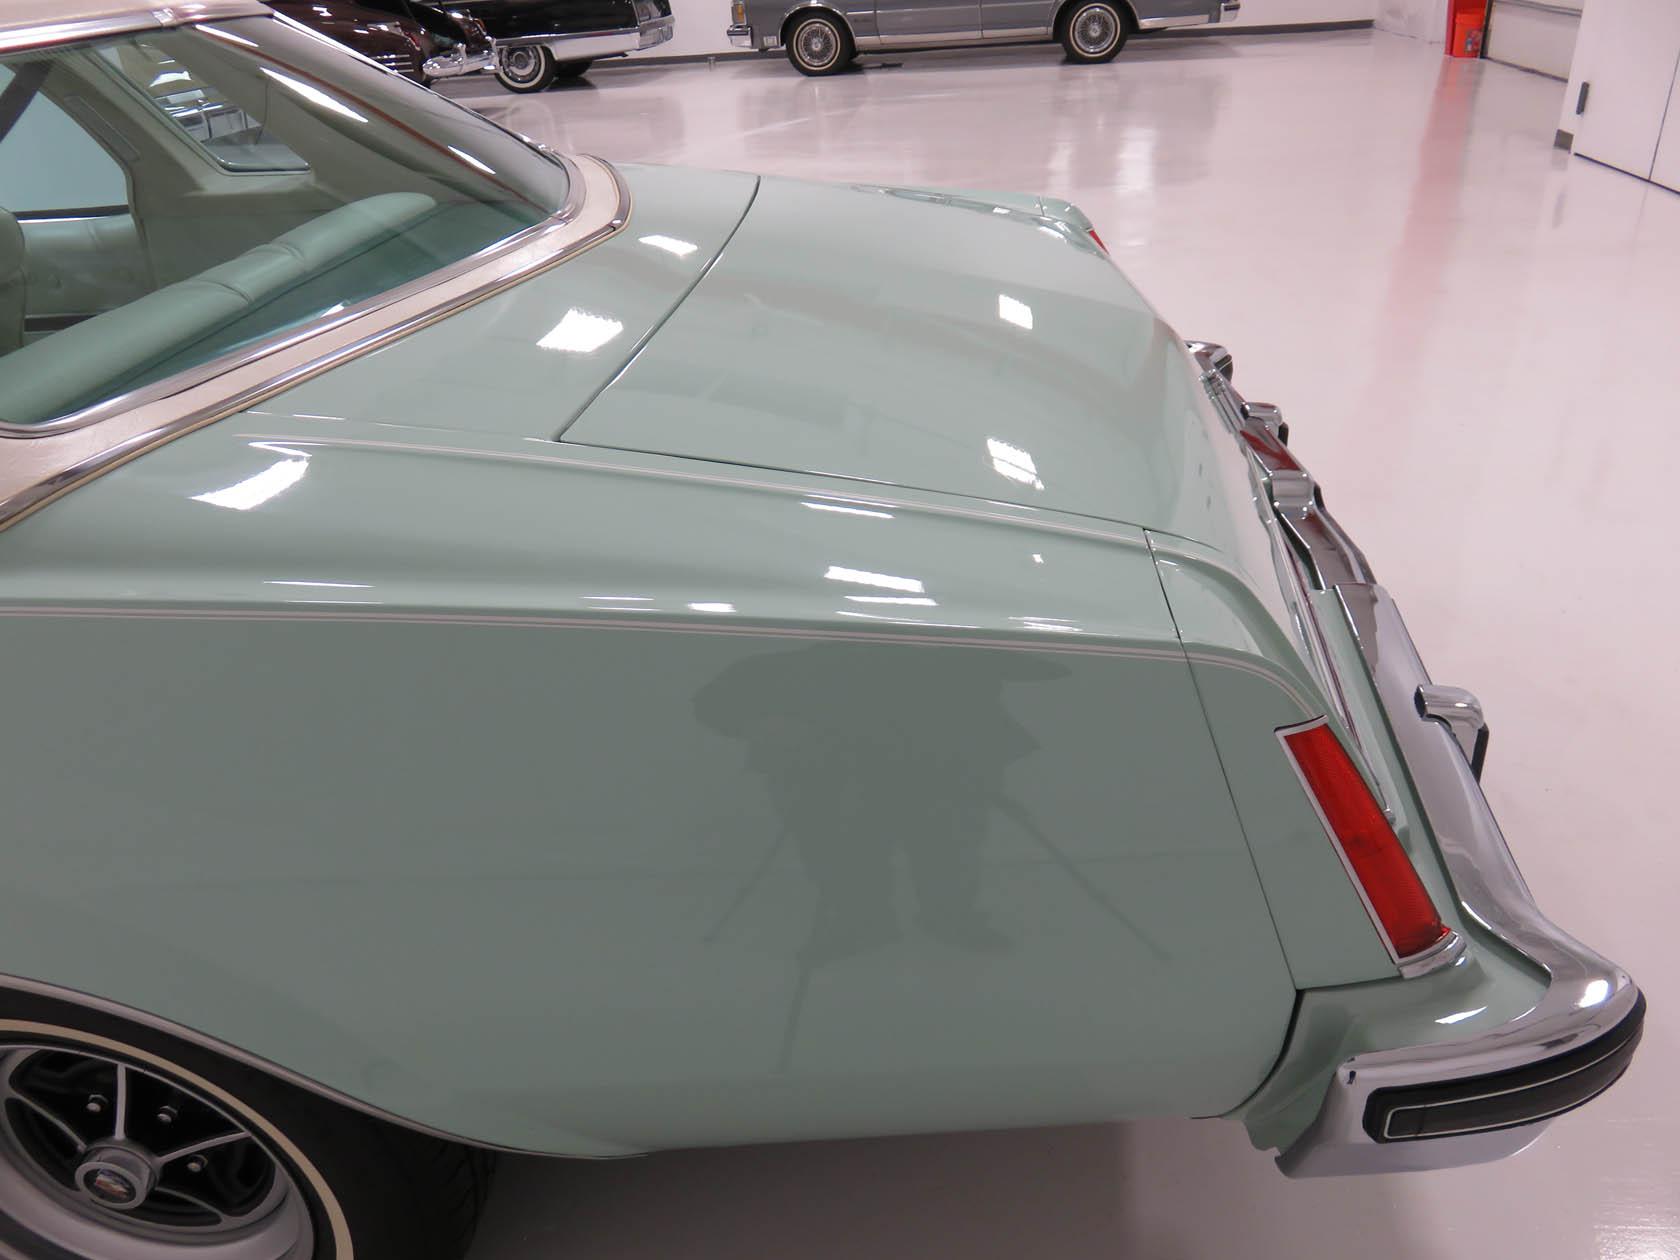 Michael Esposito - 1974 Oldsmobile Cutlasss Supreme 362